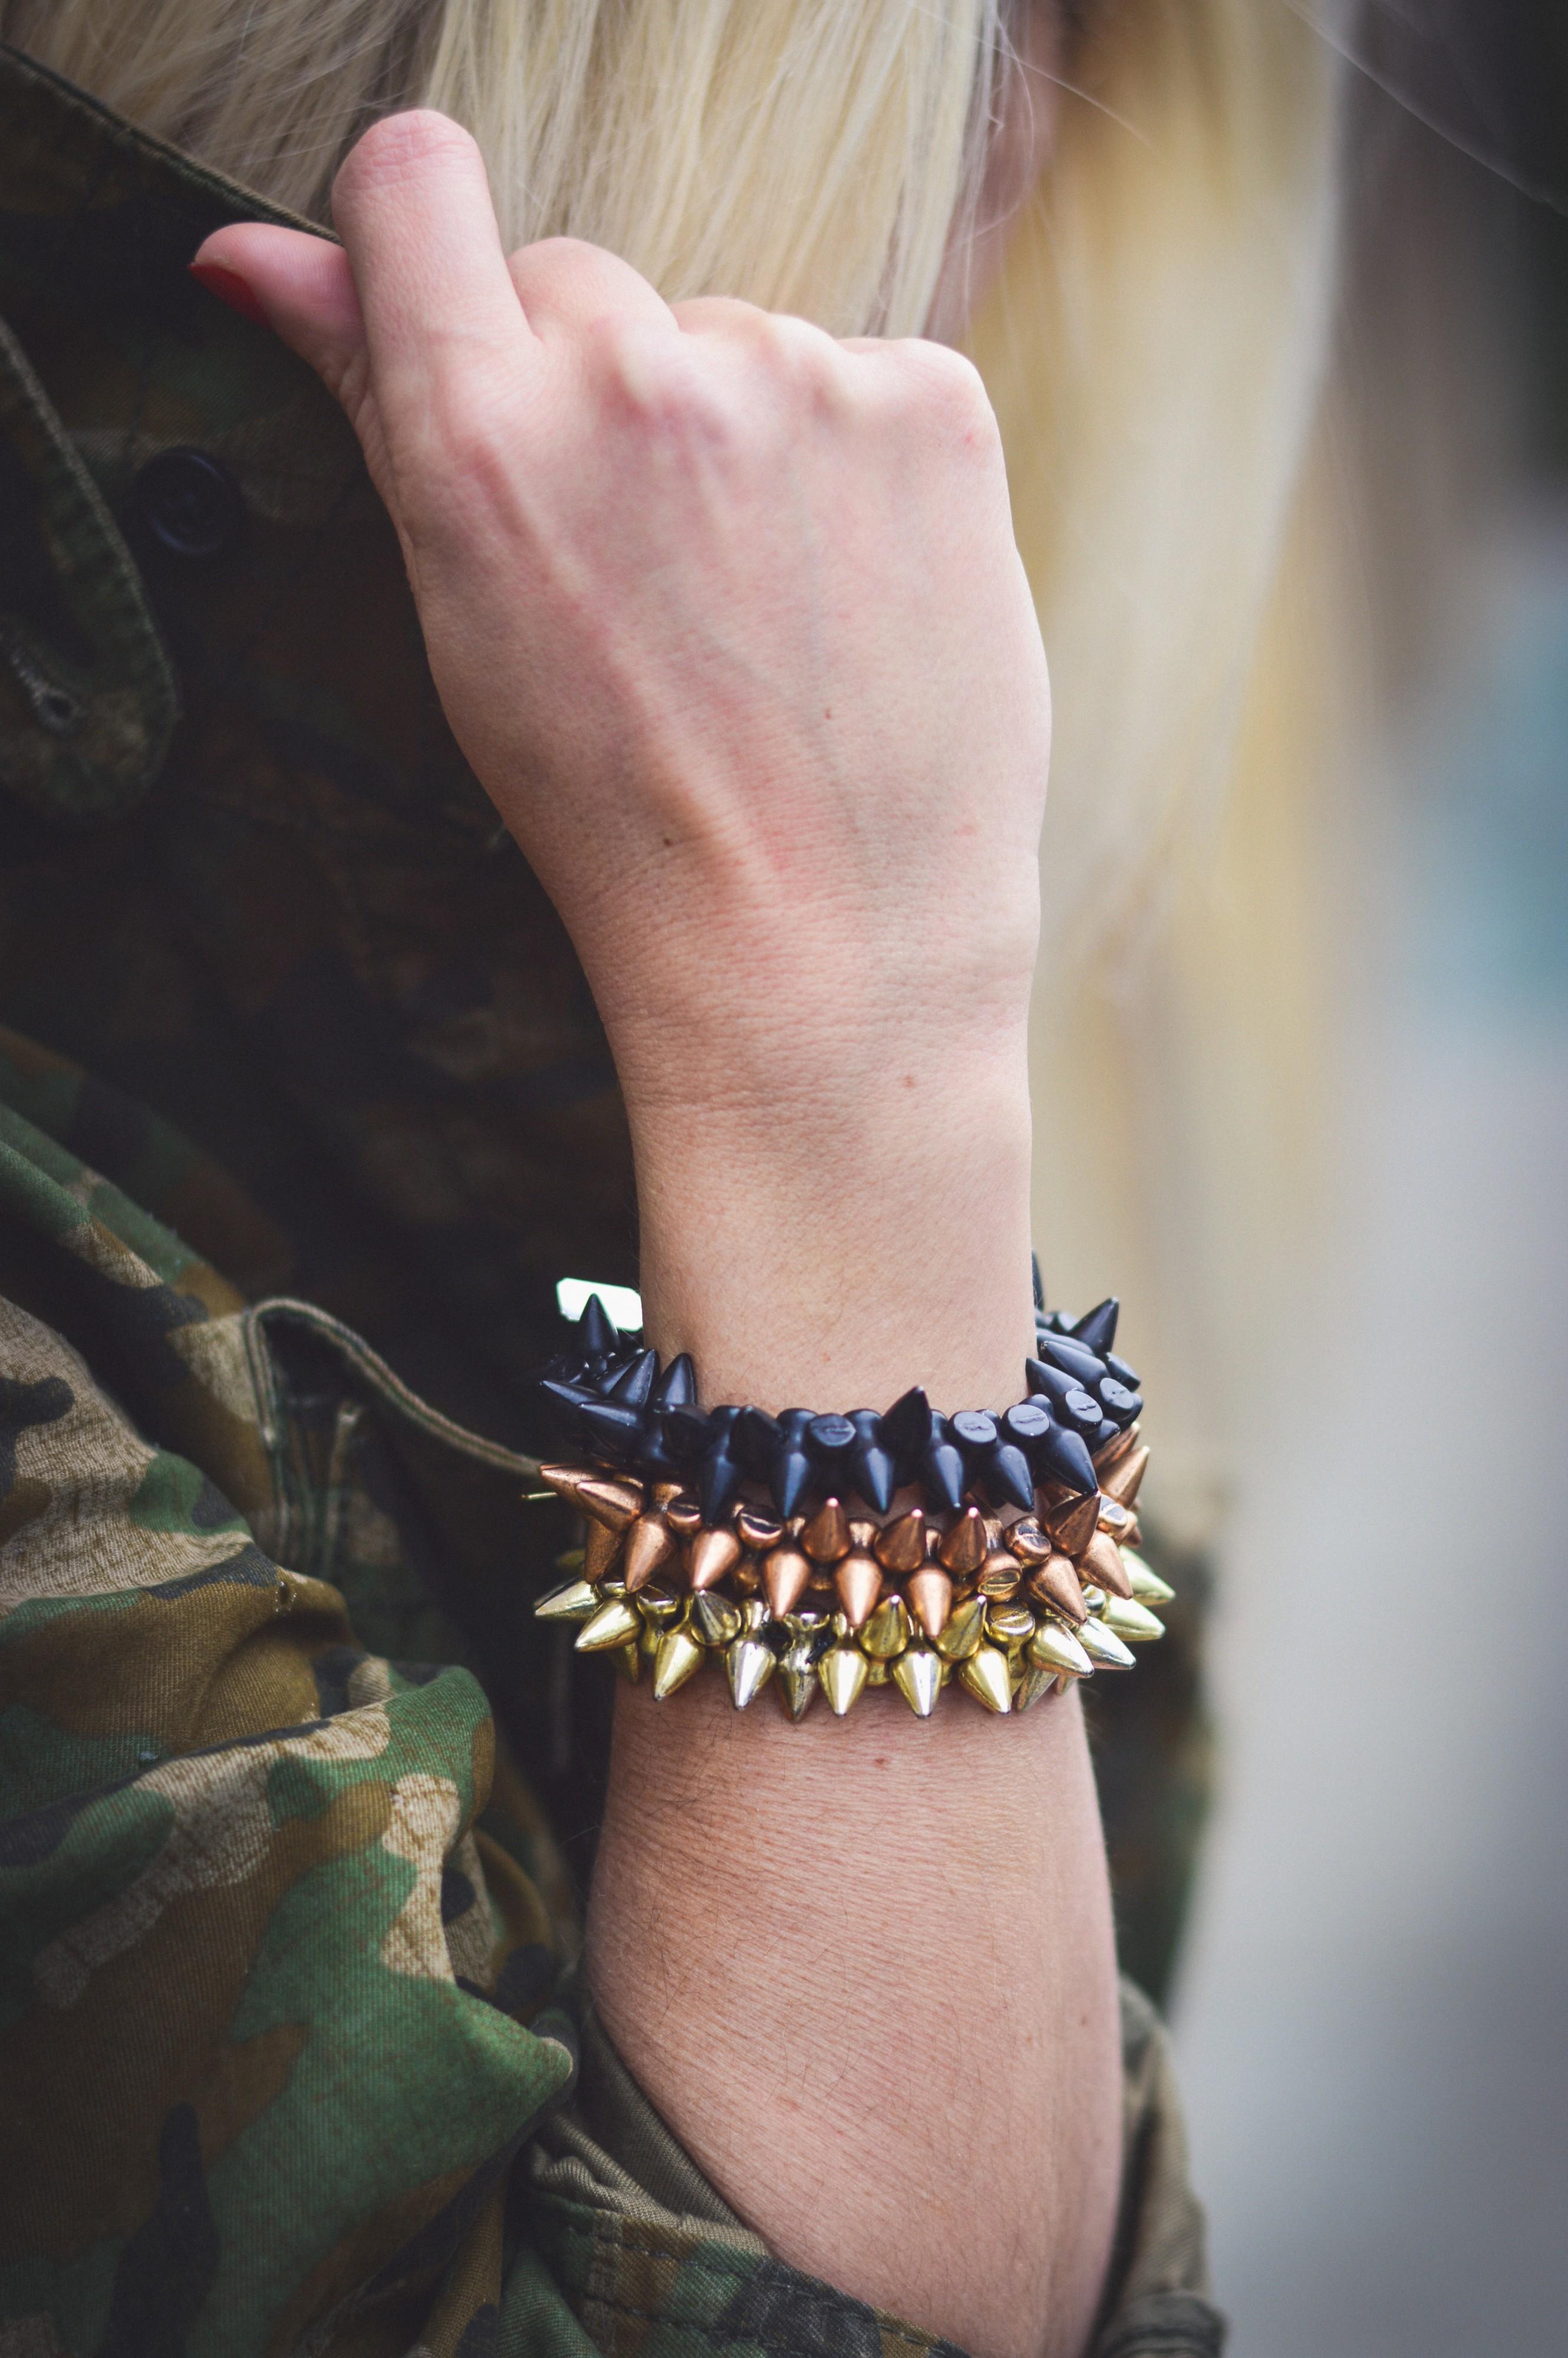 KatWalkSF - Bowser Bracelets